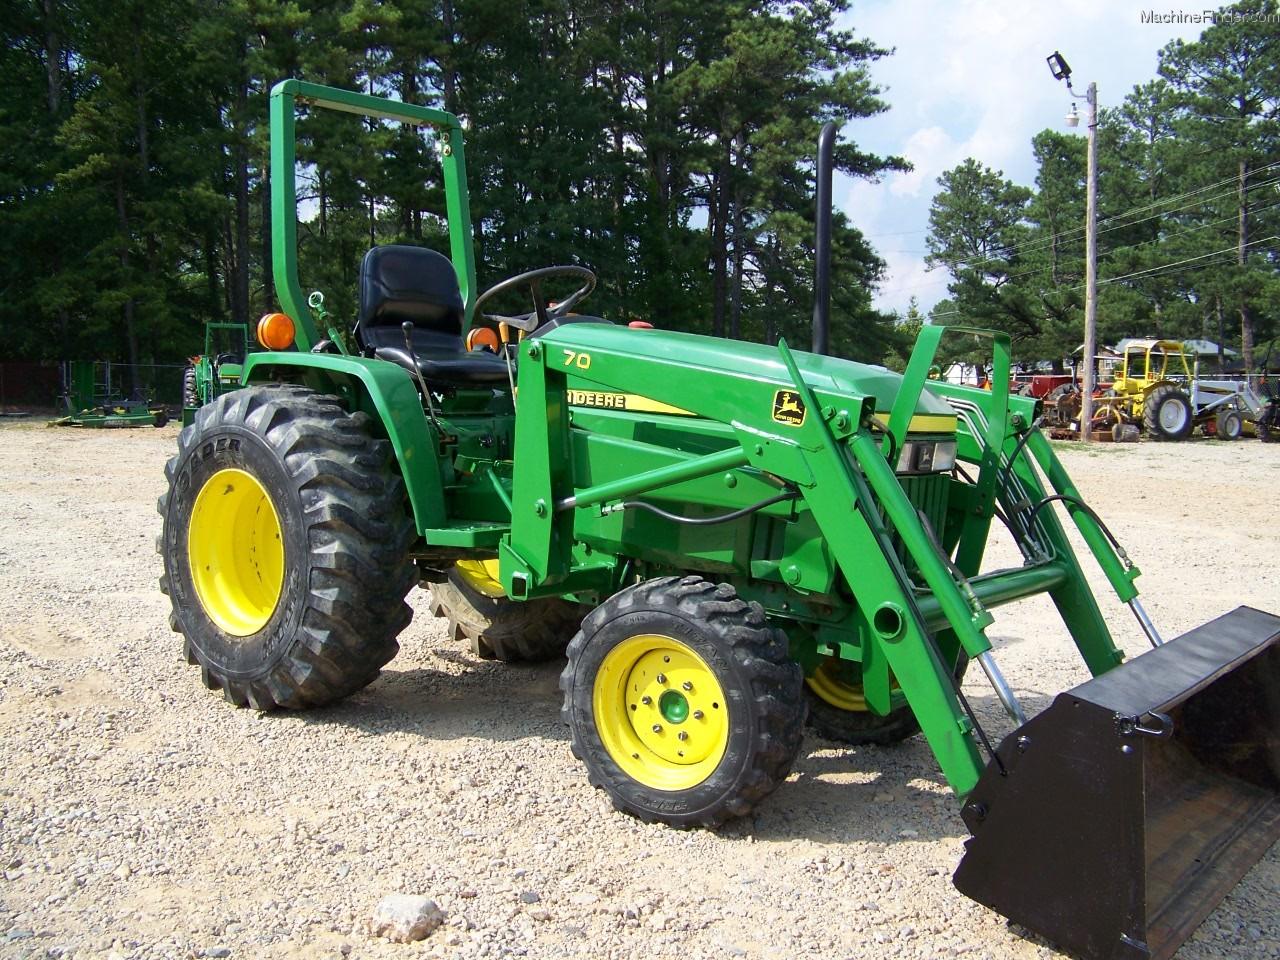 2002 John Deere 790 Tractors - Compact  1-40hp